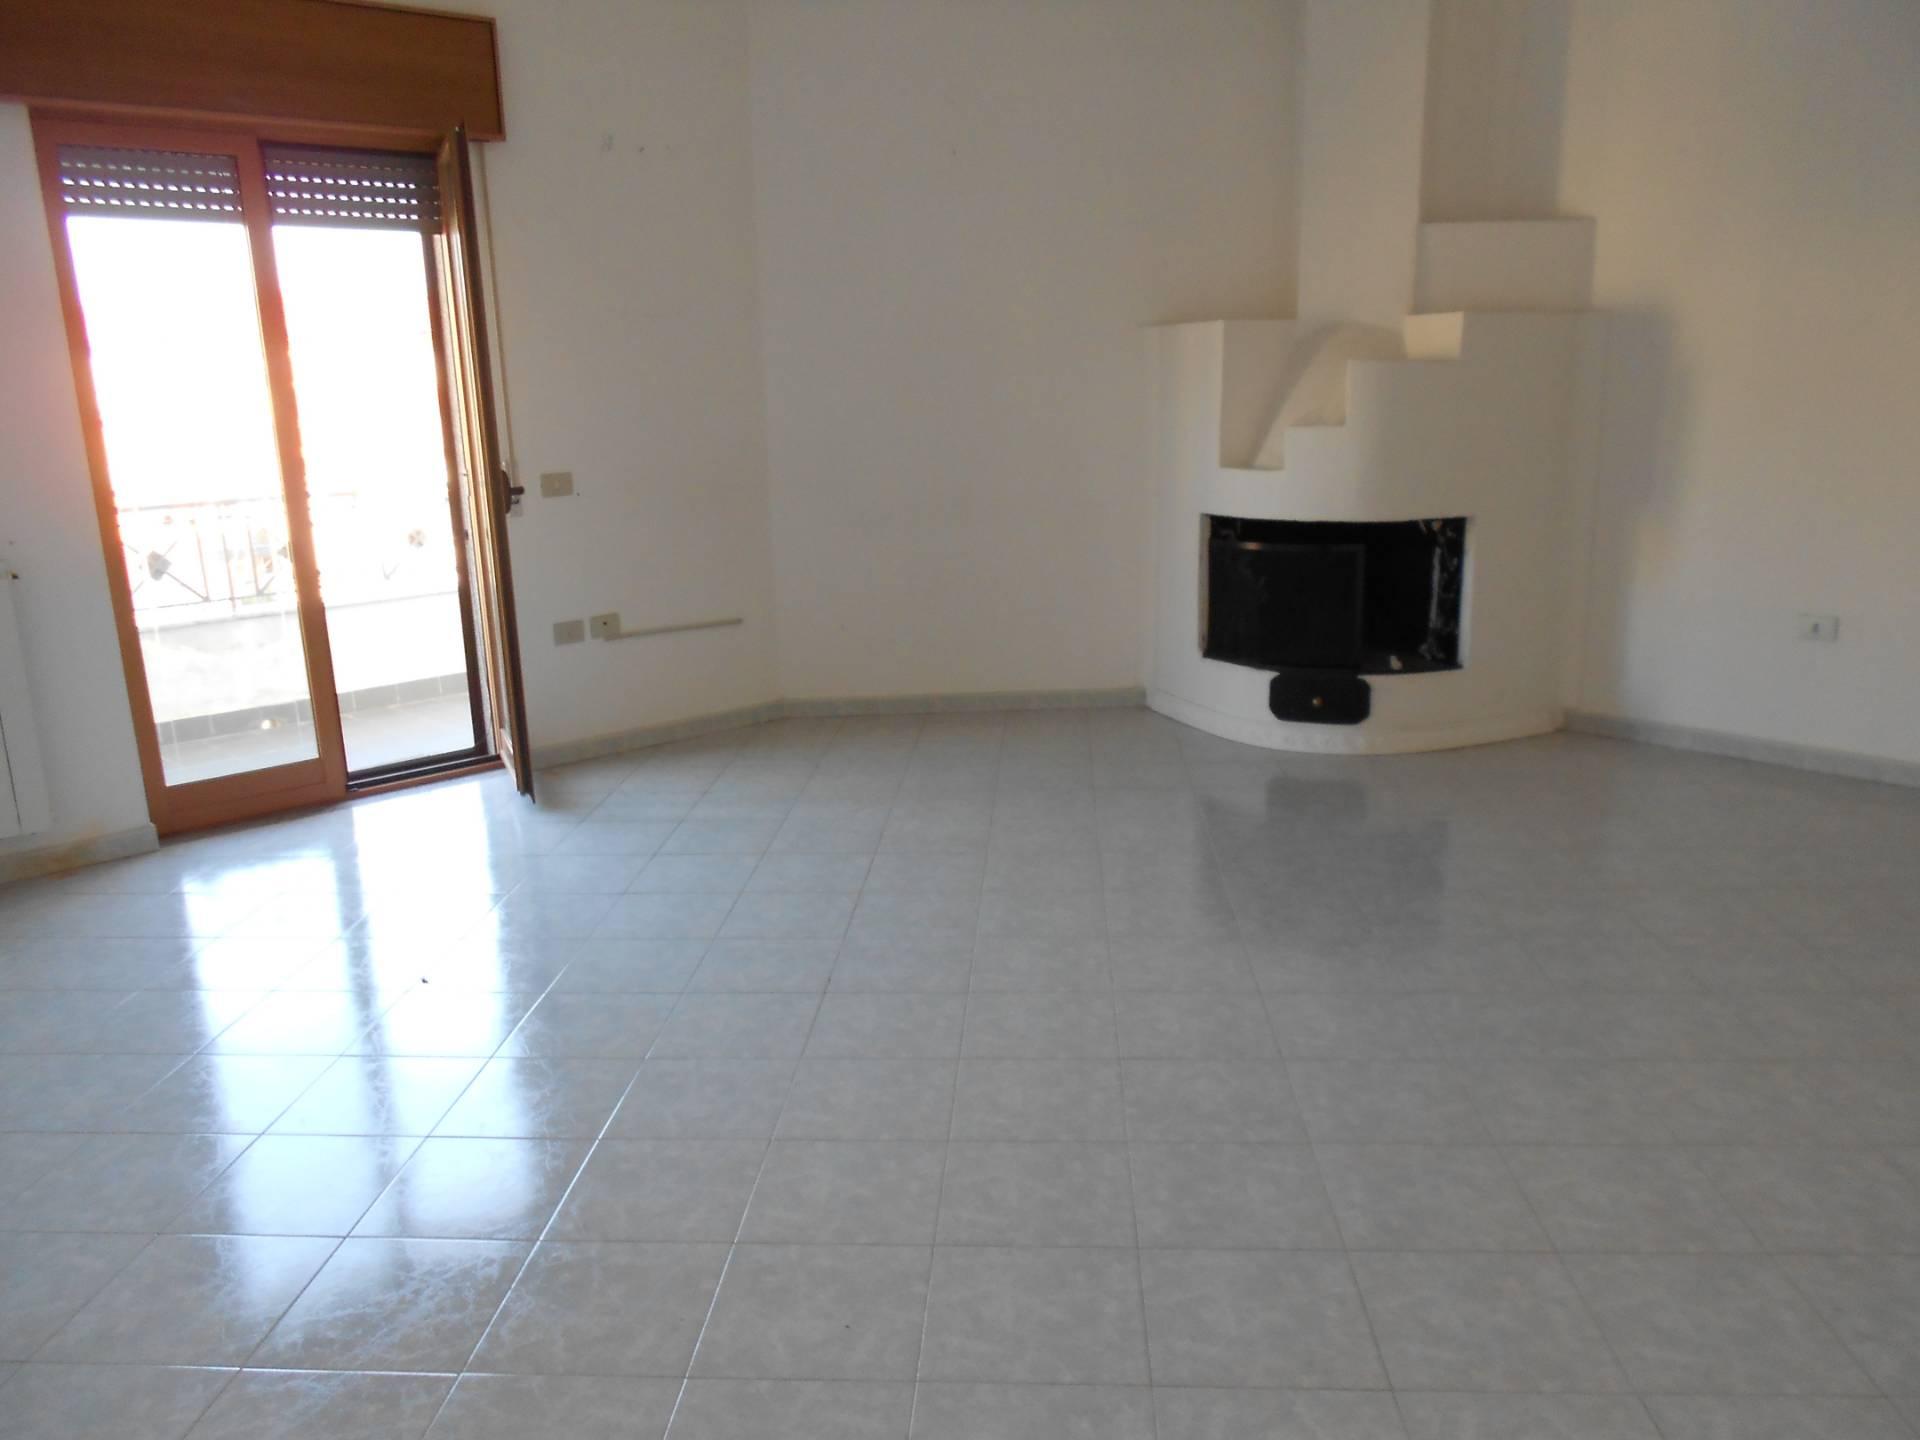 Appartamento in vendita a Telese Terme, 5 locali, prezzo € 125.000 | CambioCasa.it